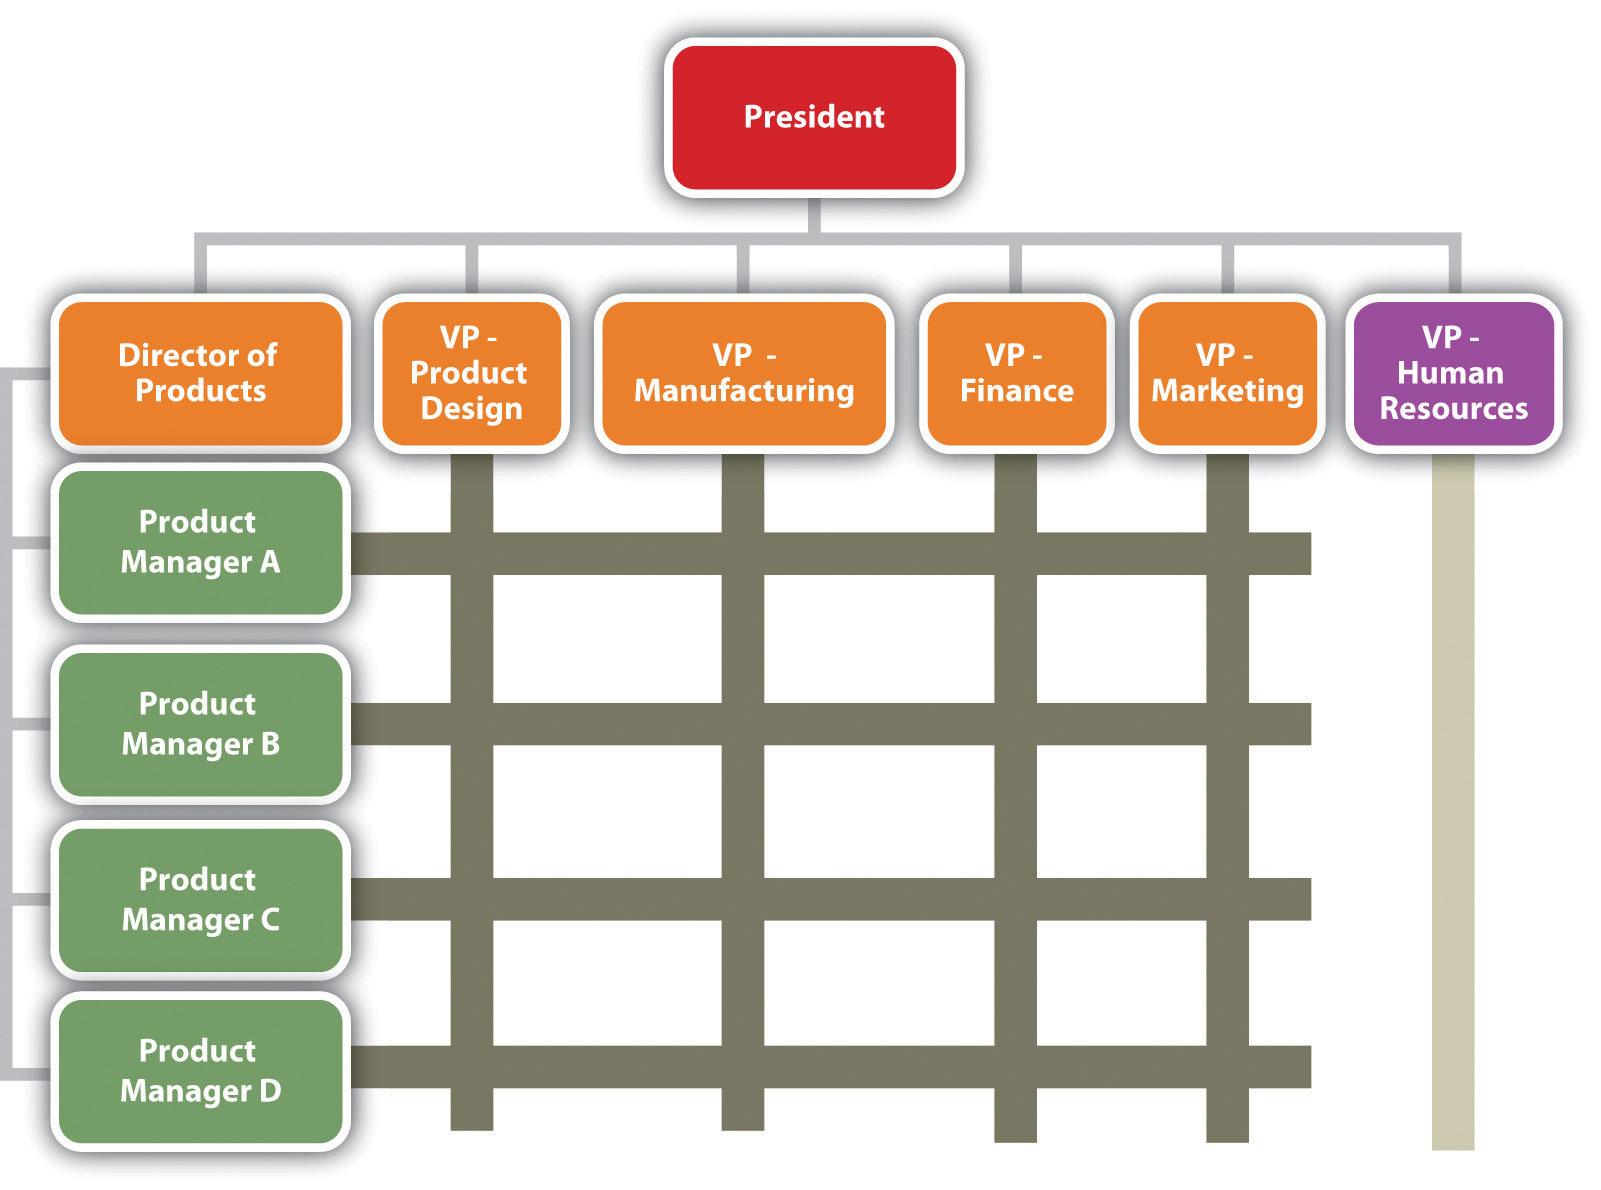 Organization Chart: Matrix Structure